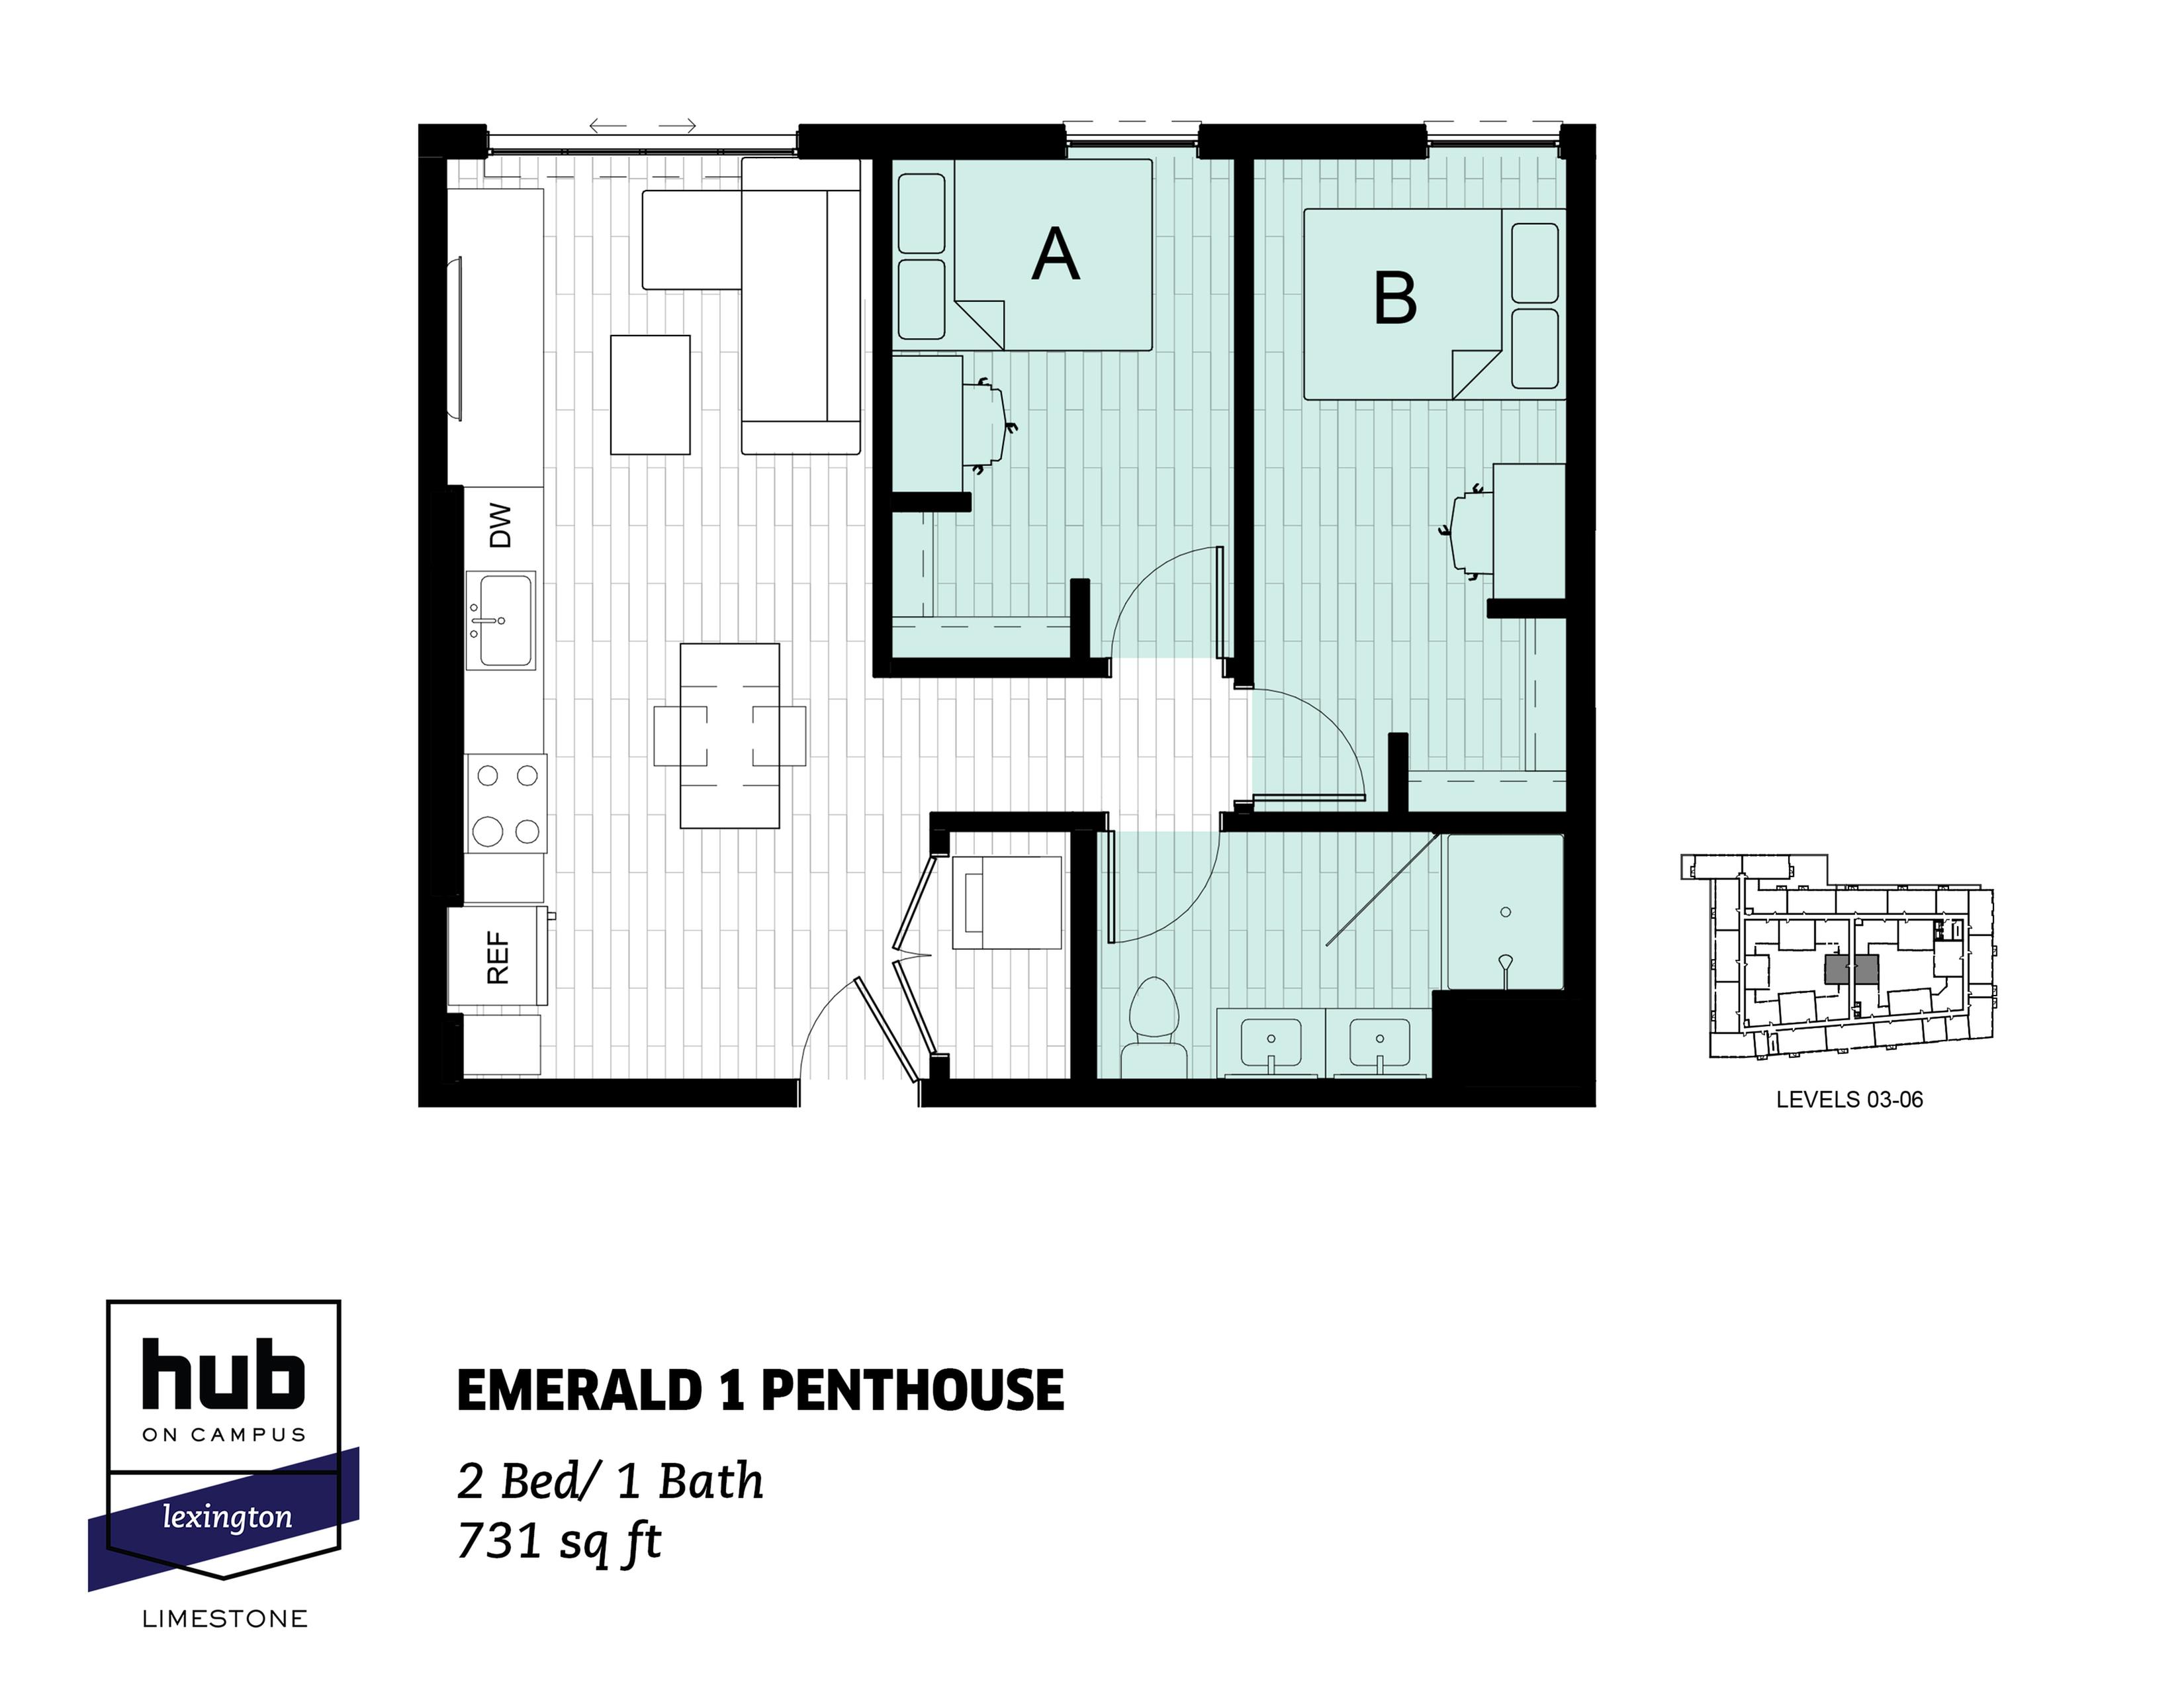 Emerald 1 Penthouse